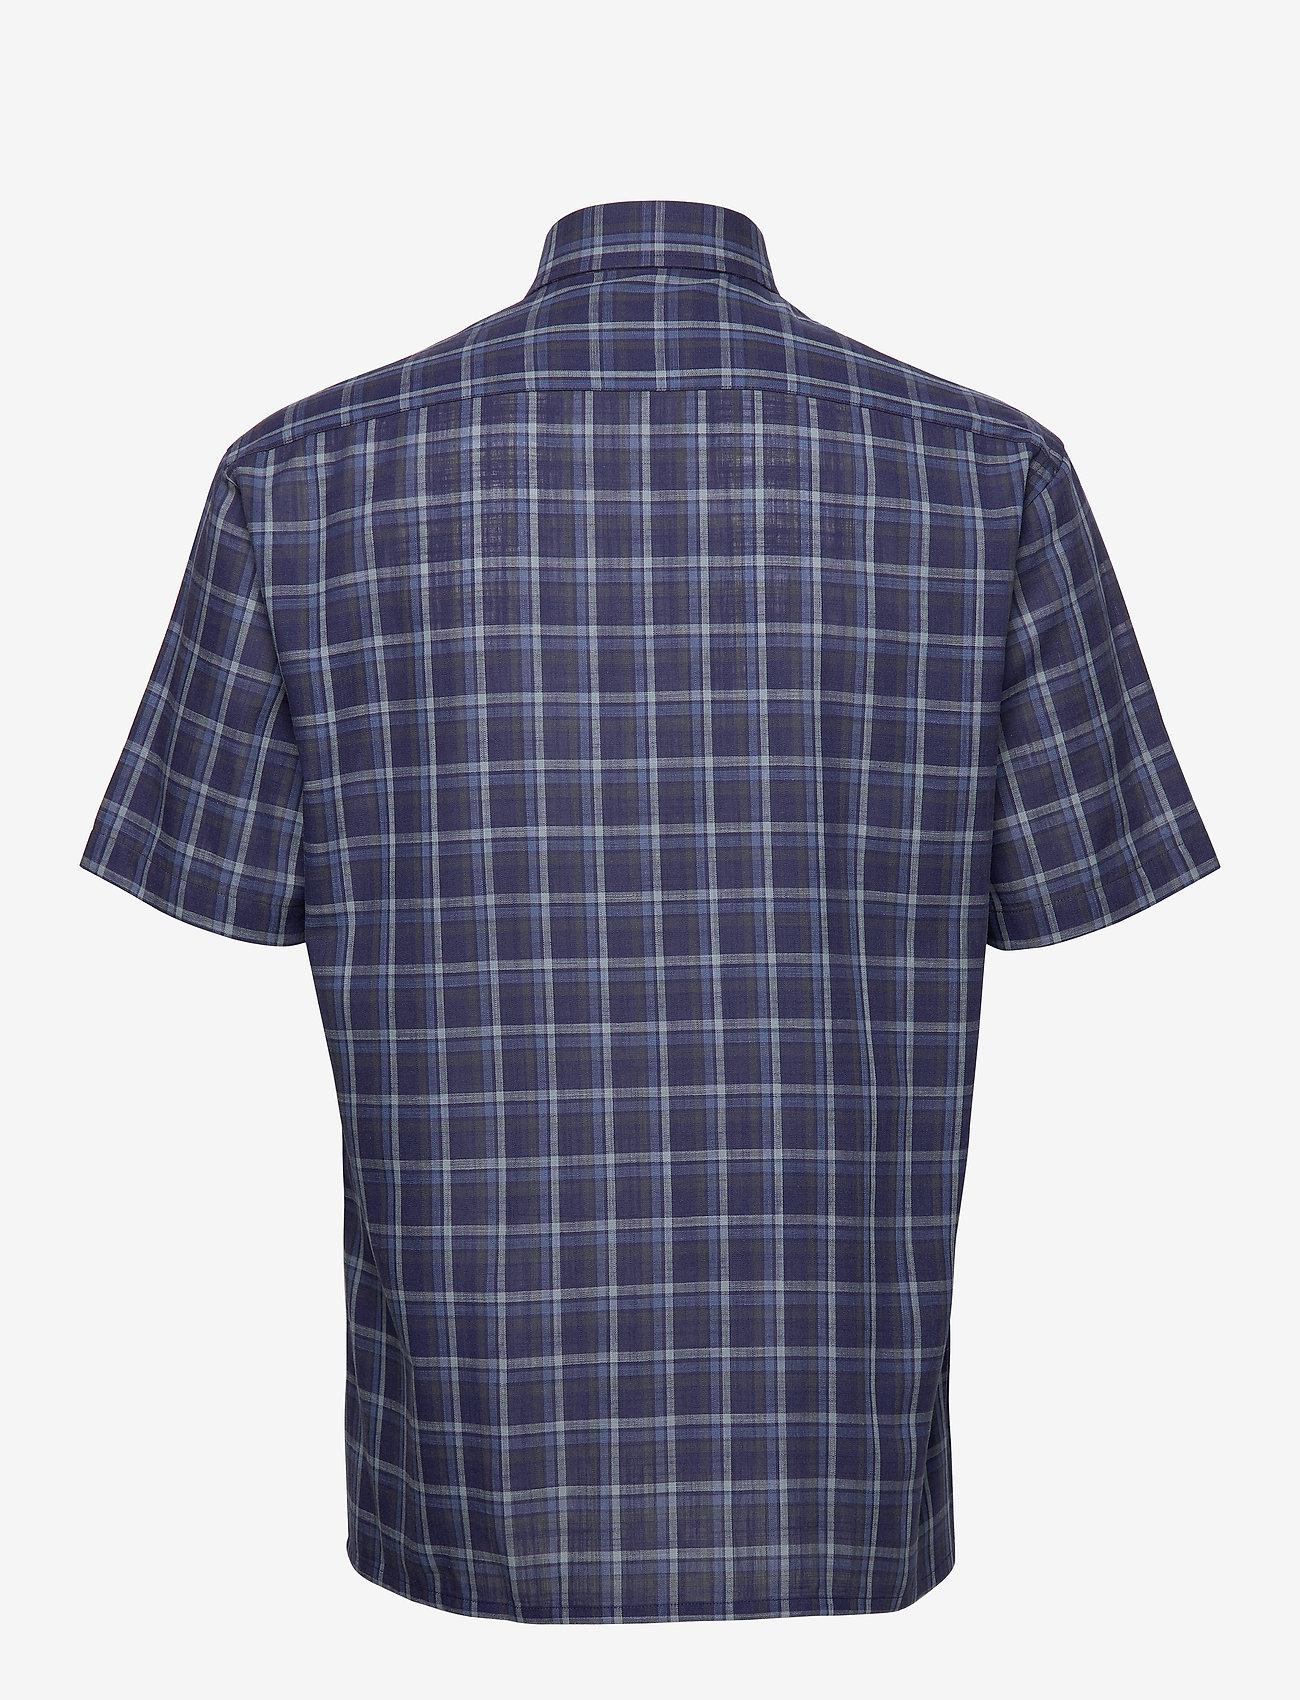 Seven Seas Copenhagen Horizon - Shirts